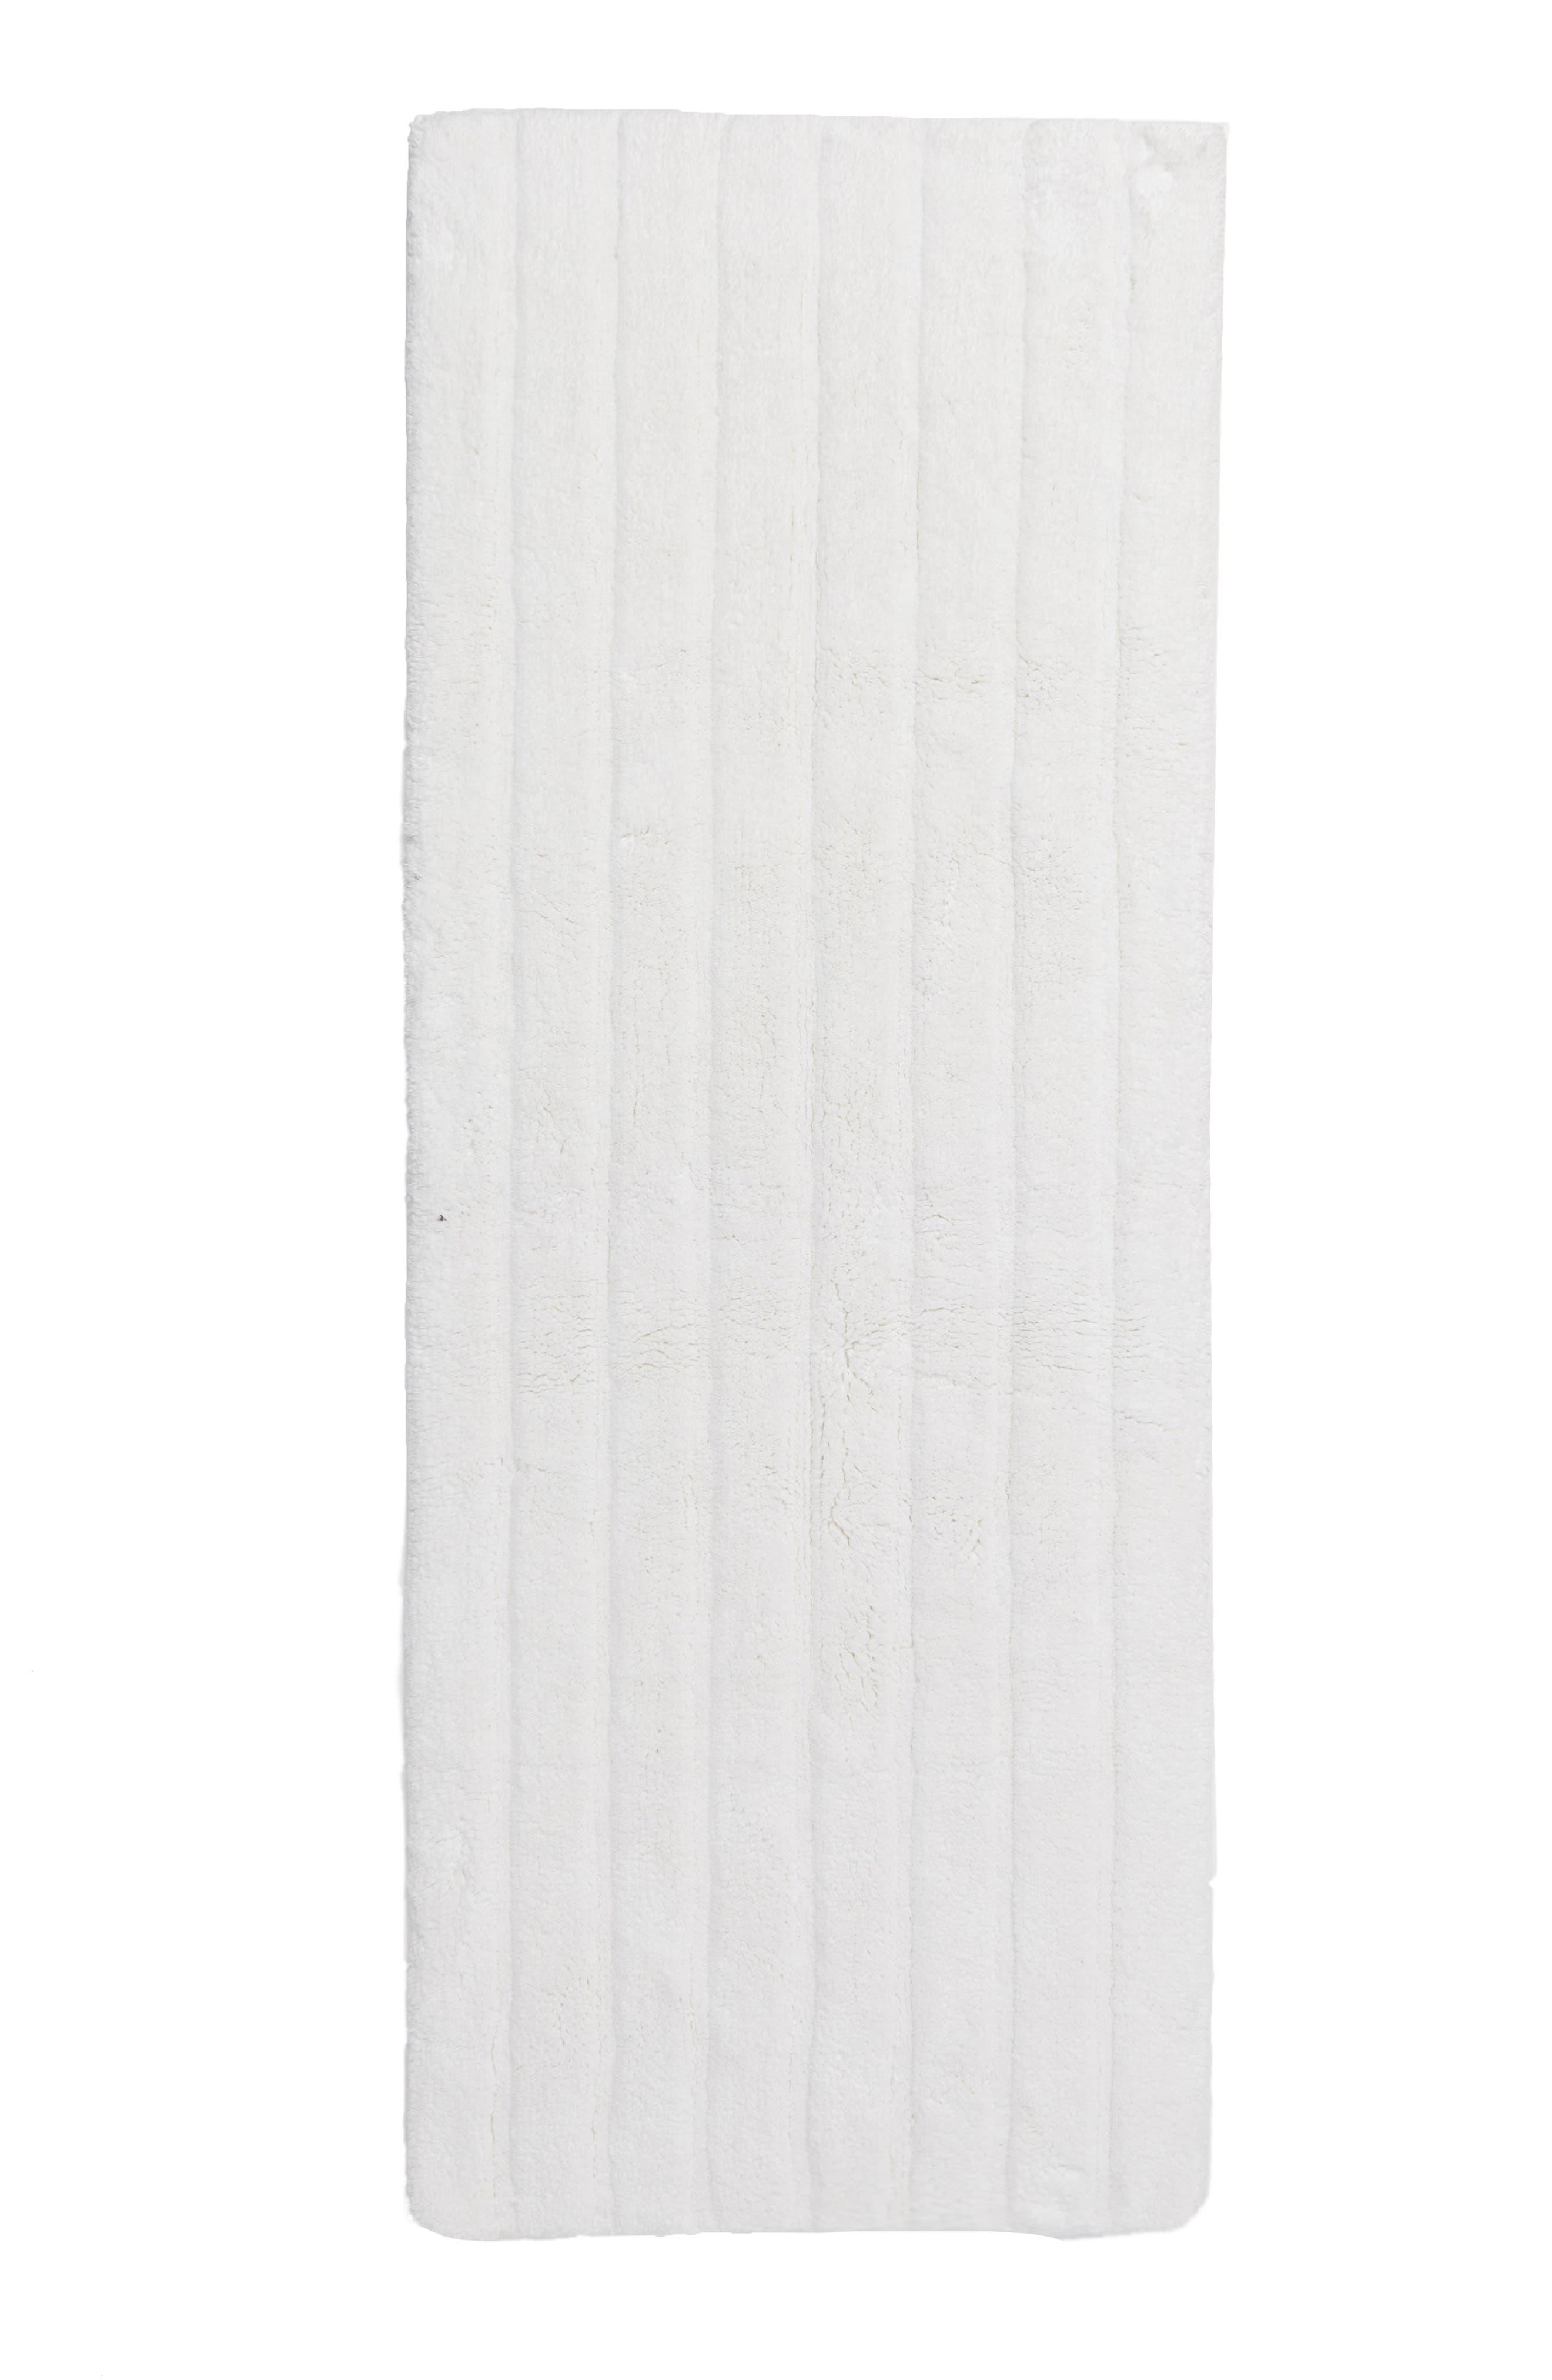 Ribbed Velour Bath Runner,                         Main,                         color, White